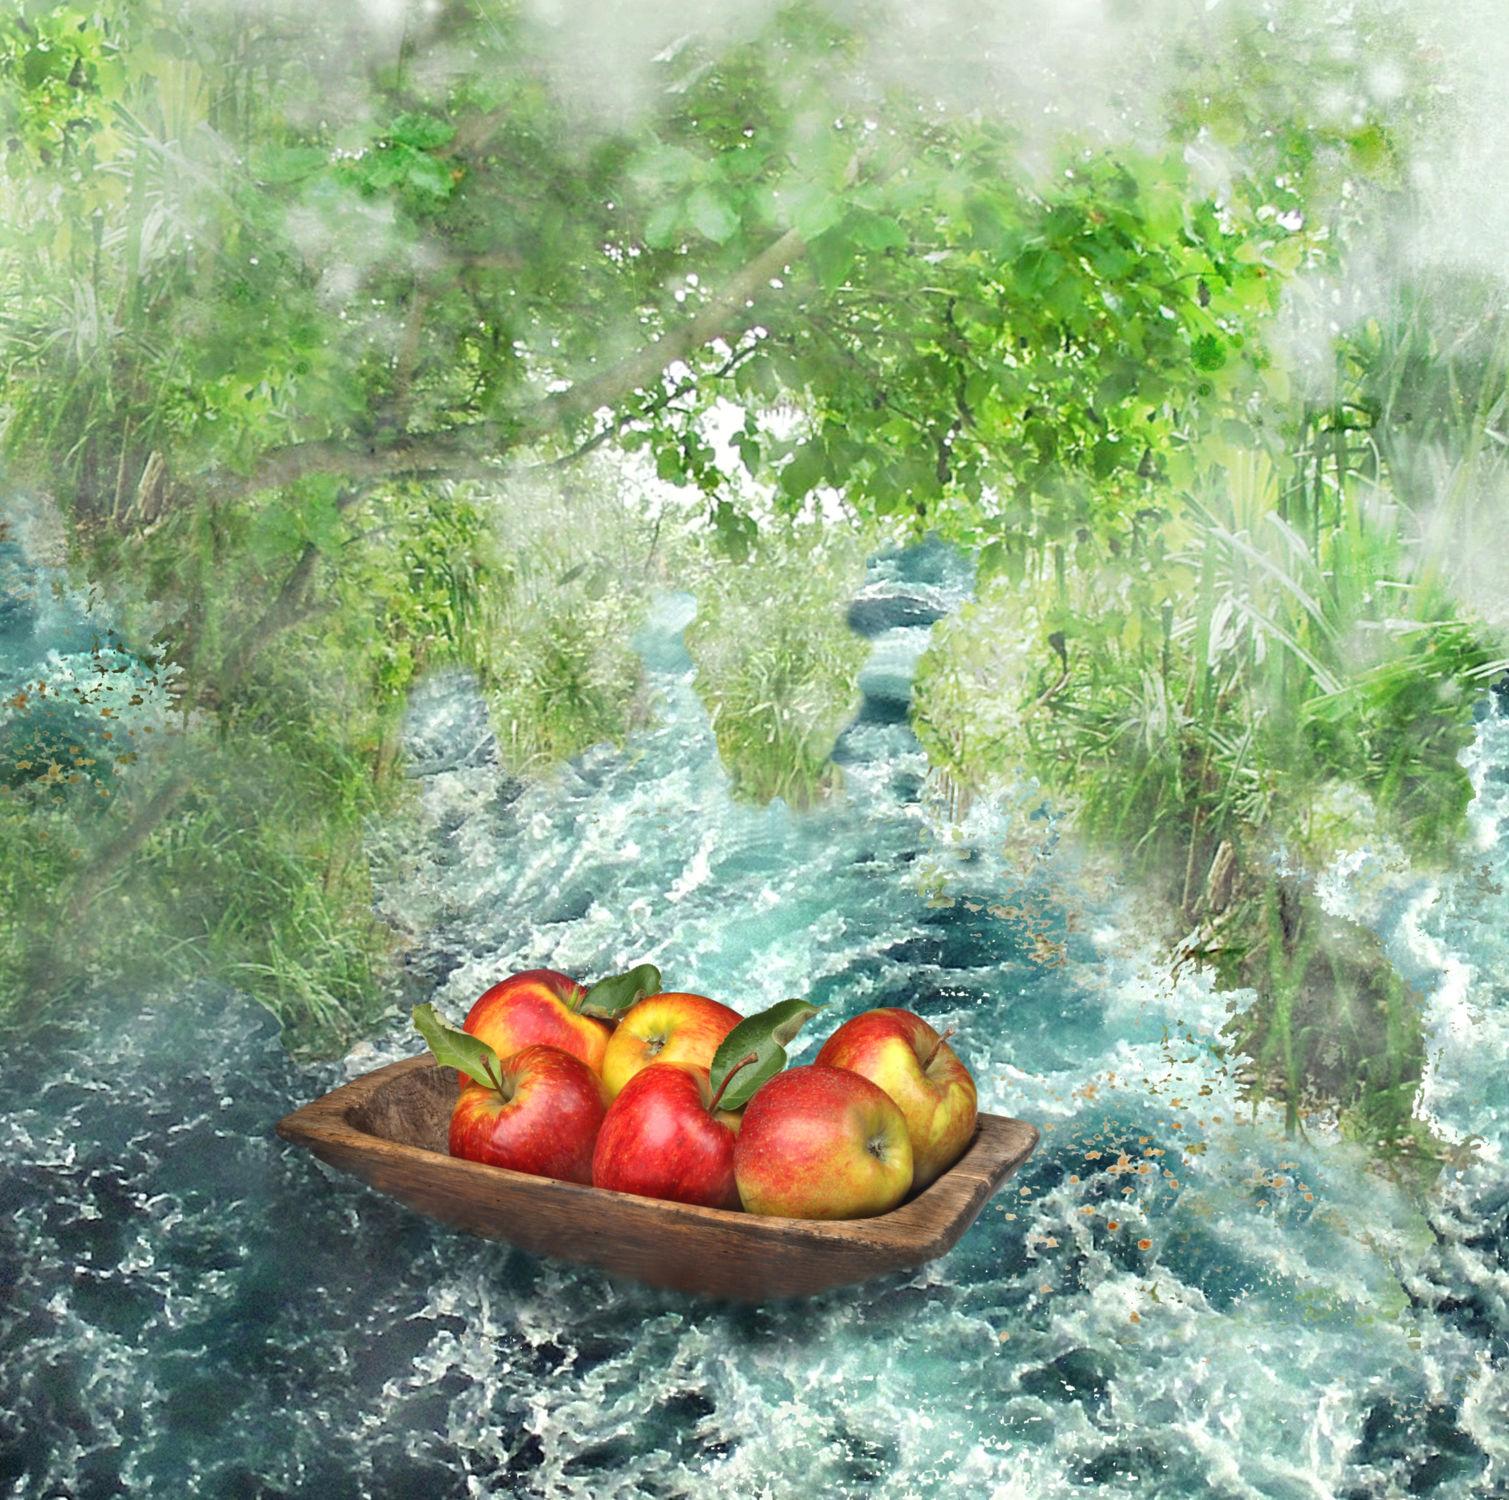 Bild mit Wasser, Gewässer, Früchte, boot, Frucht, Obst, Apfel, Apfel, garten, romantisch, Fluss, Traum, dream